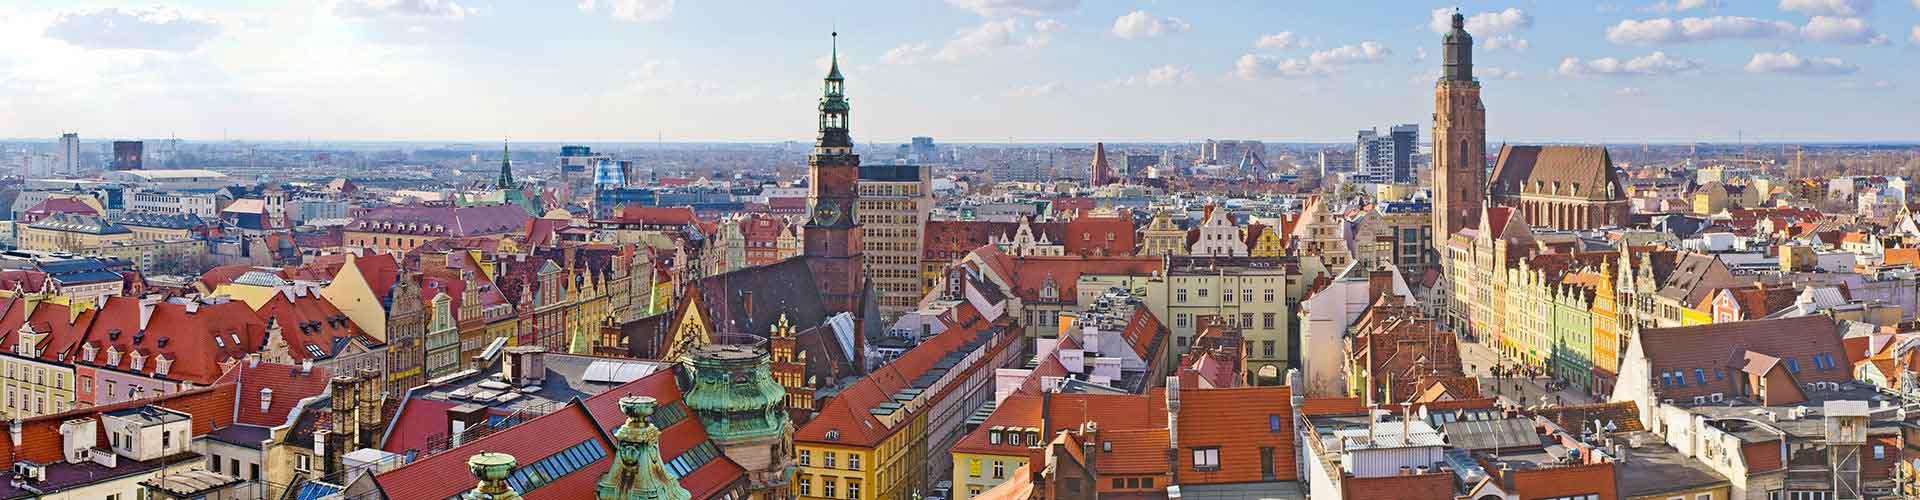 Wroclaw - Campamentos en Wroclaw. Mapas de Wroclaw, Fotos y comentarios de cada Campamento en Wroclaw.